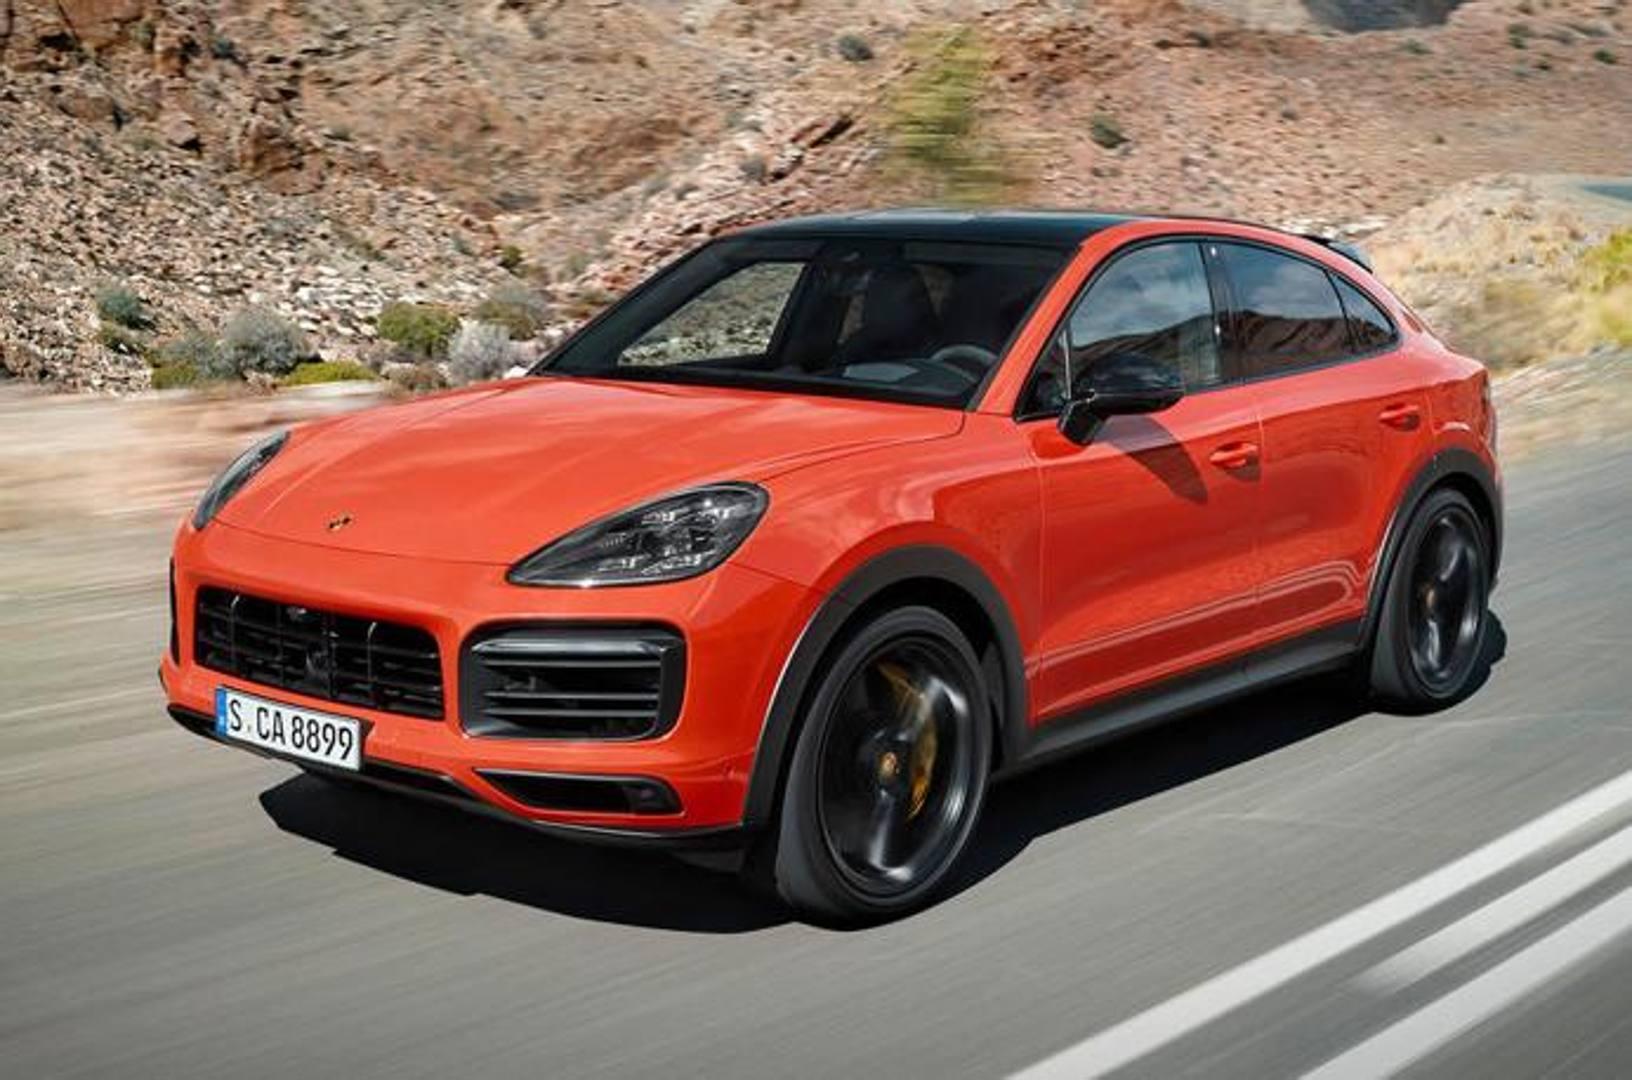 La Porsche ha presentato la versione Coupé del Cayenne